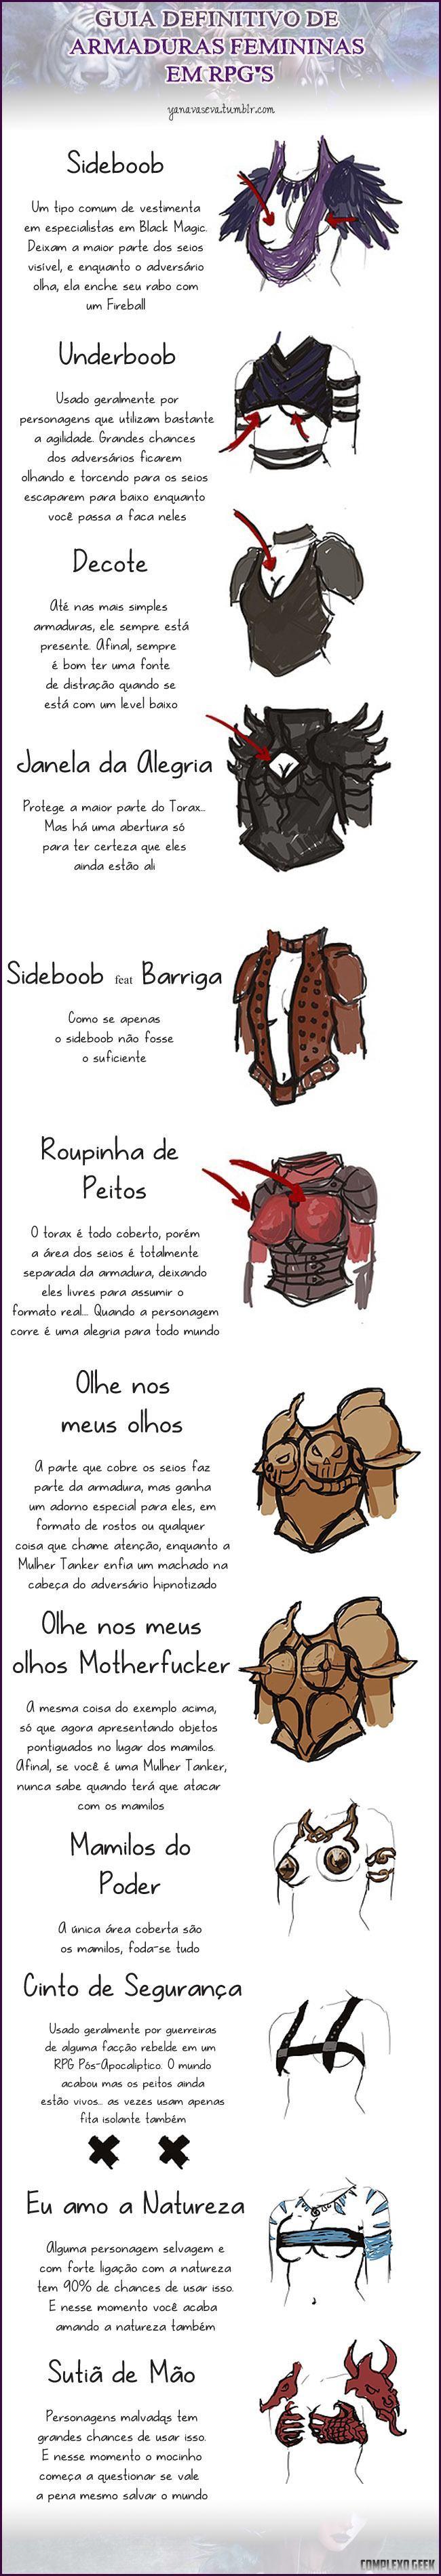 Guia definitivo das armaduras femininas em RPGs